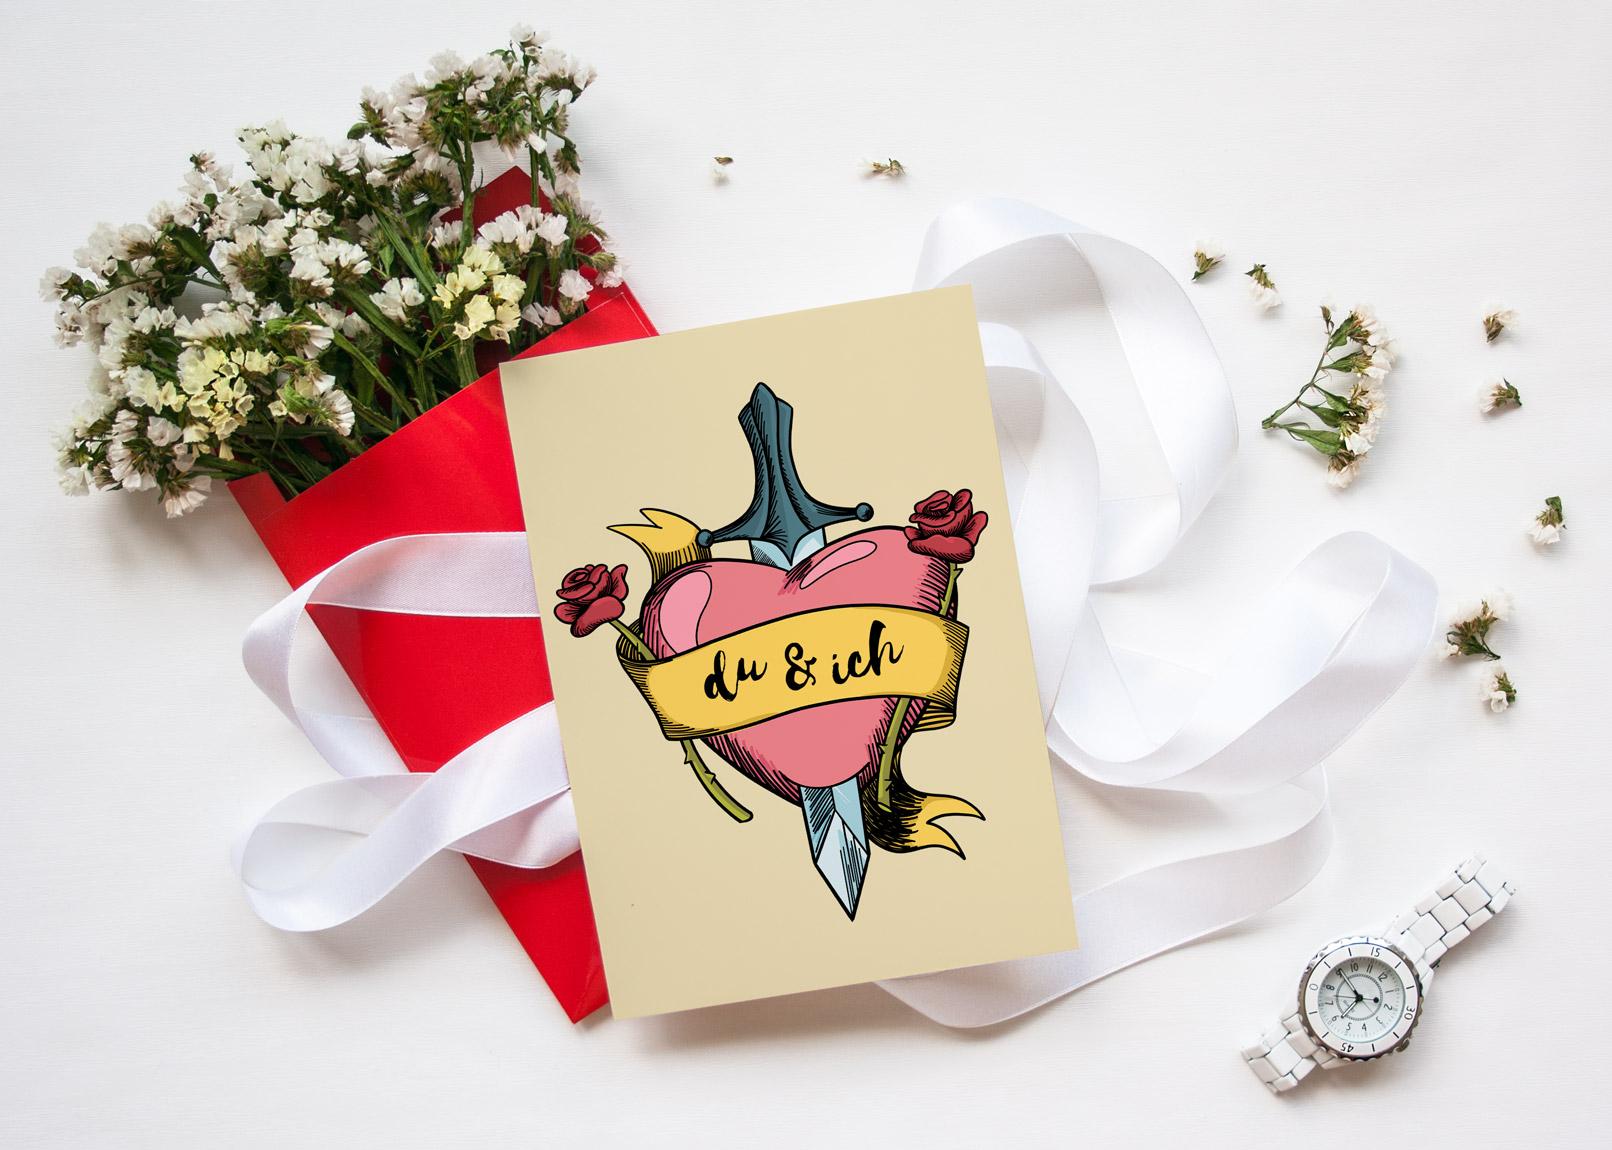 Herz-Bild auf einer Karte zum Valentinstag